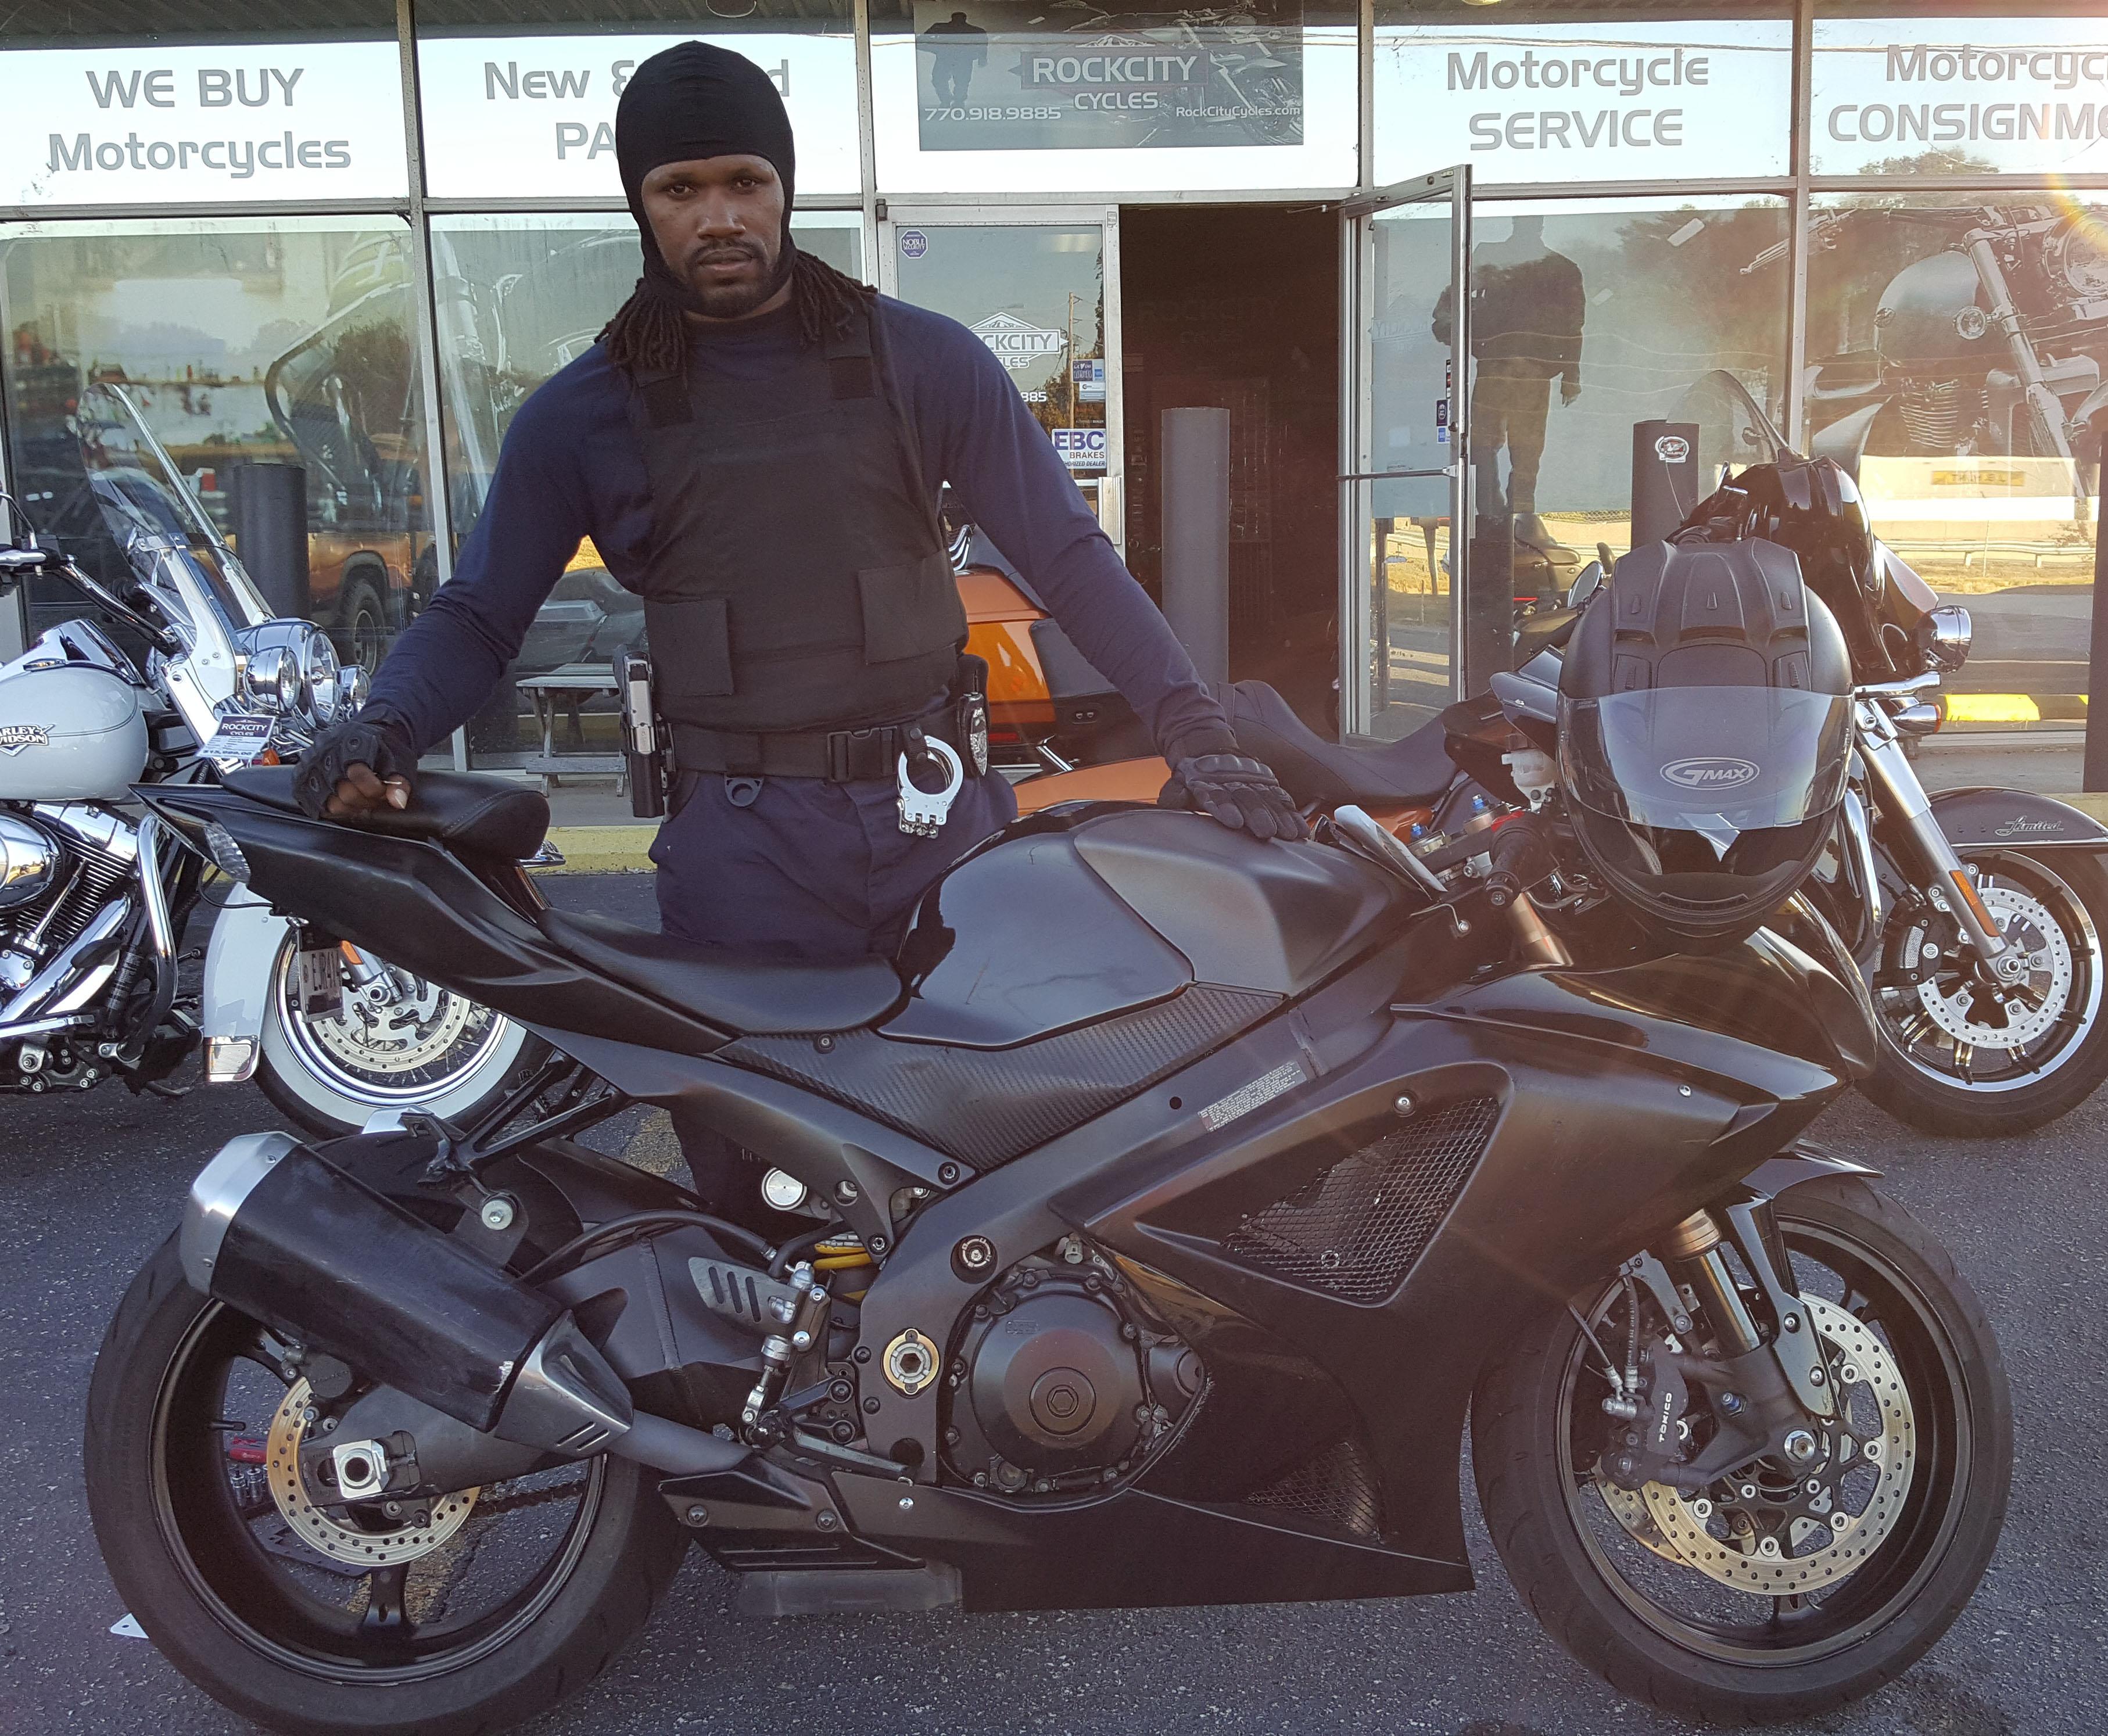 Joseph B. with 2007 Suzuki GSX-R 1000